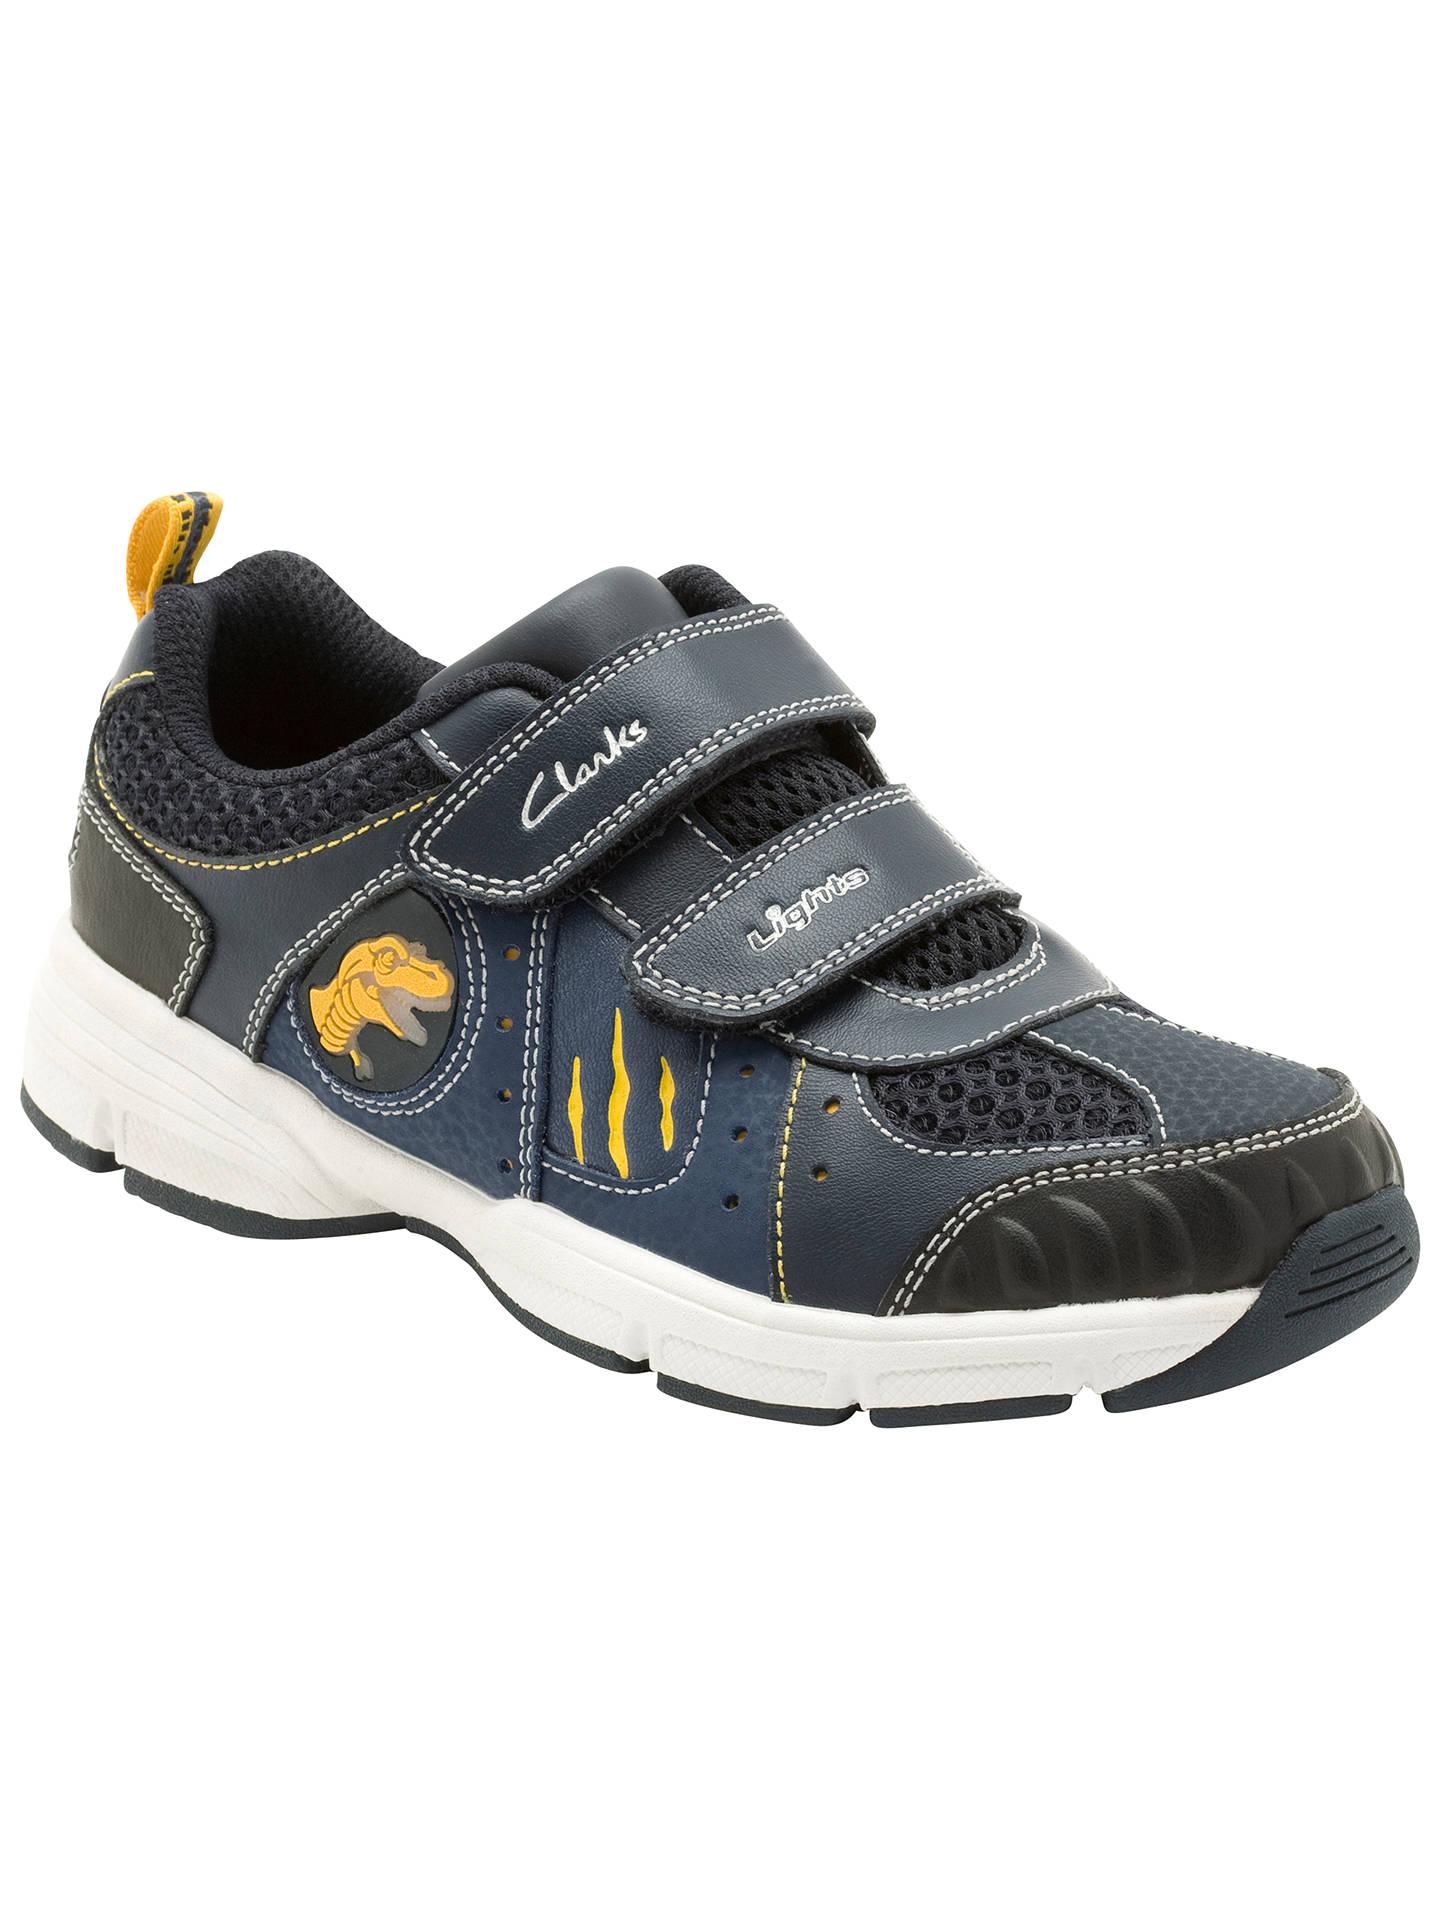 nett Clarks Rexy Stomp Shoes, Blue at John Lewis & Partners  liefert